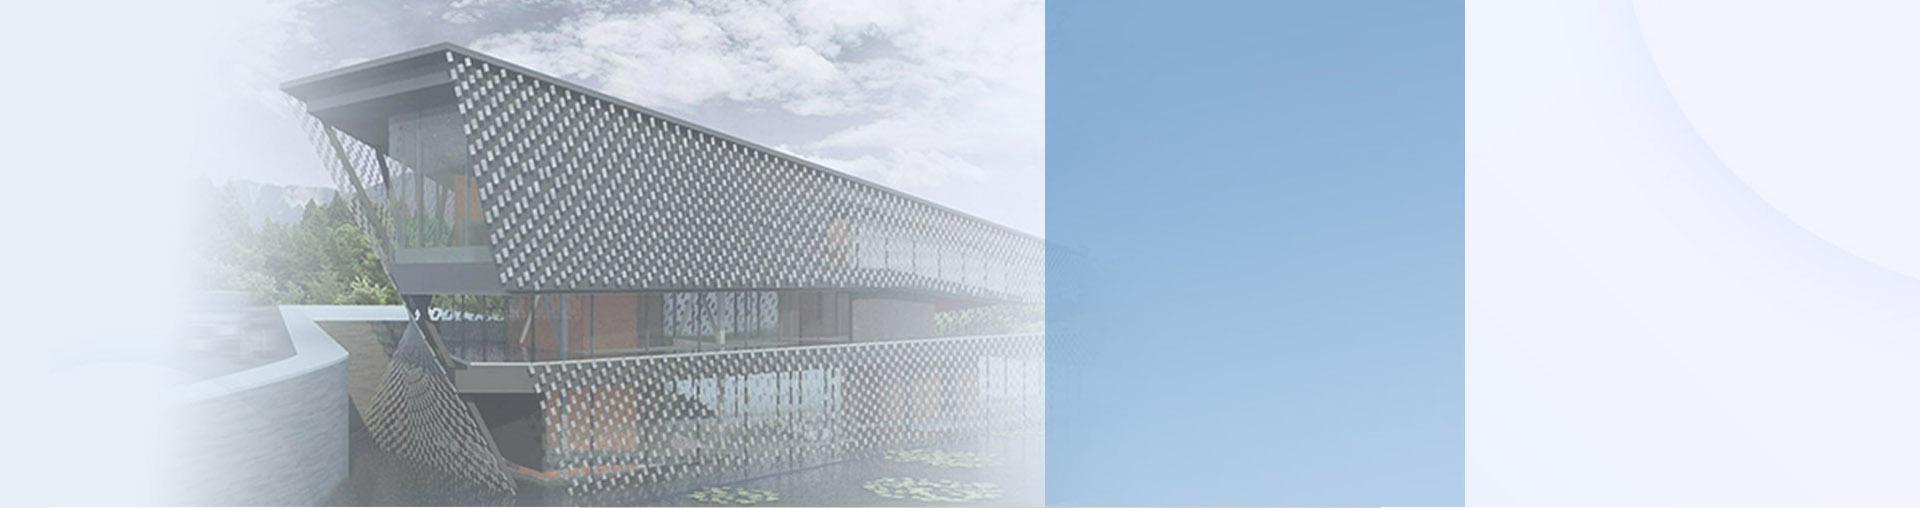 关于日本建筑,这些你都知道吗?